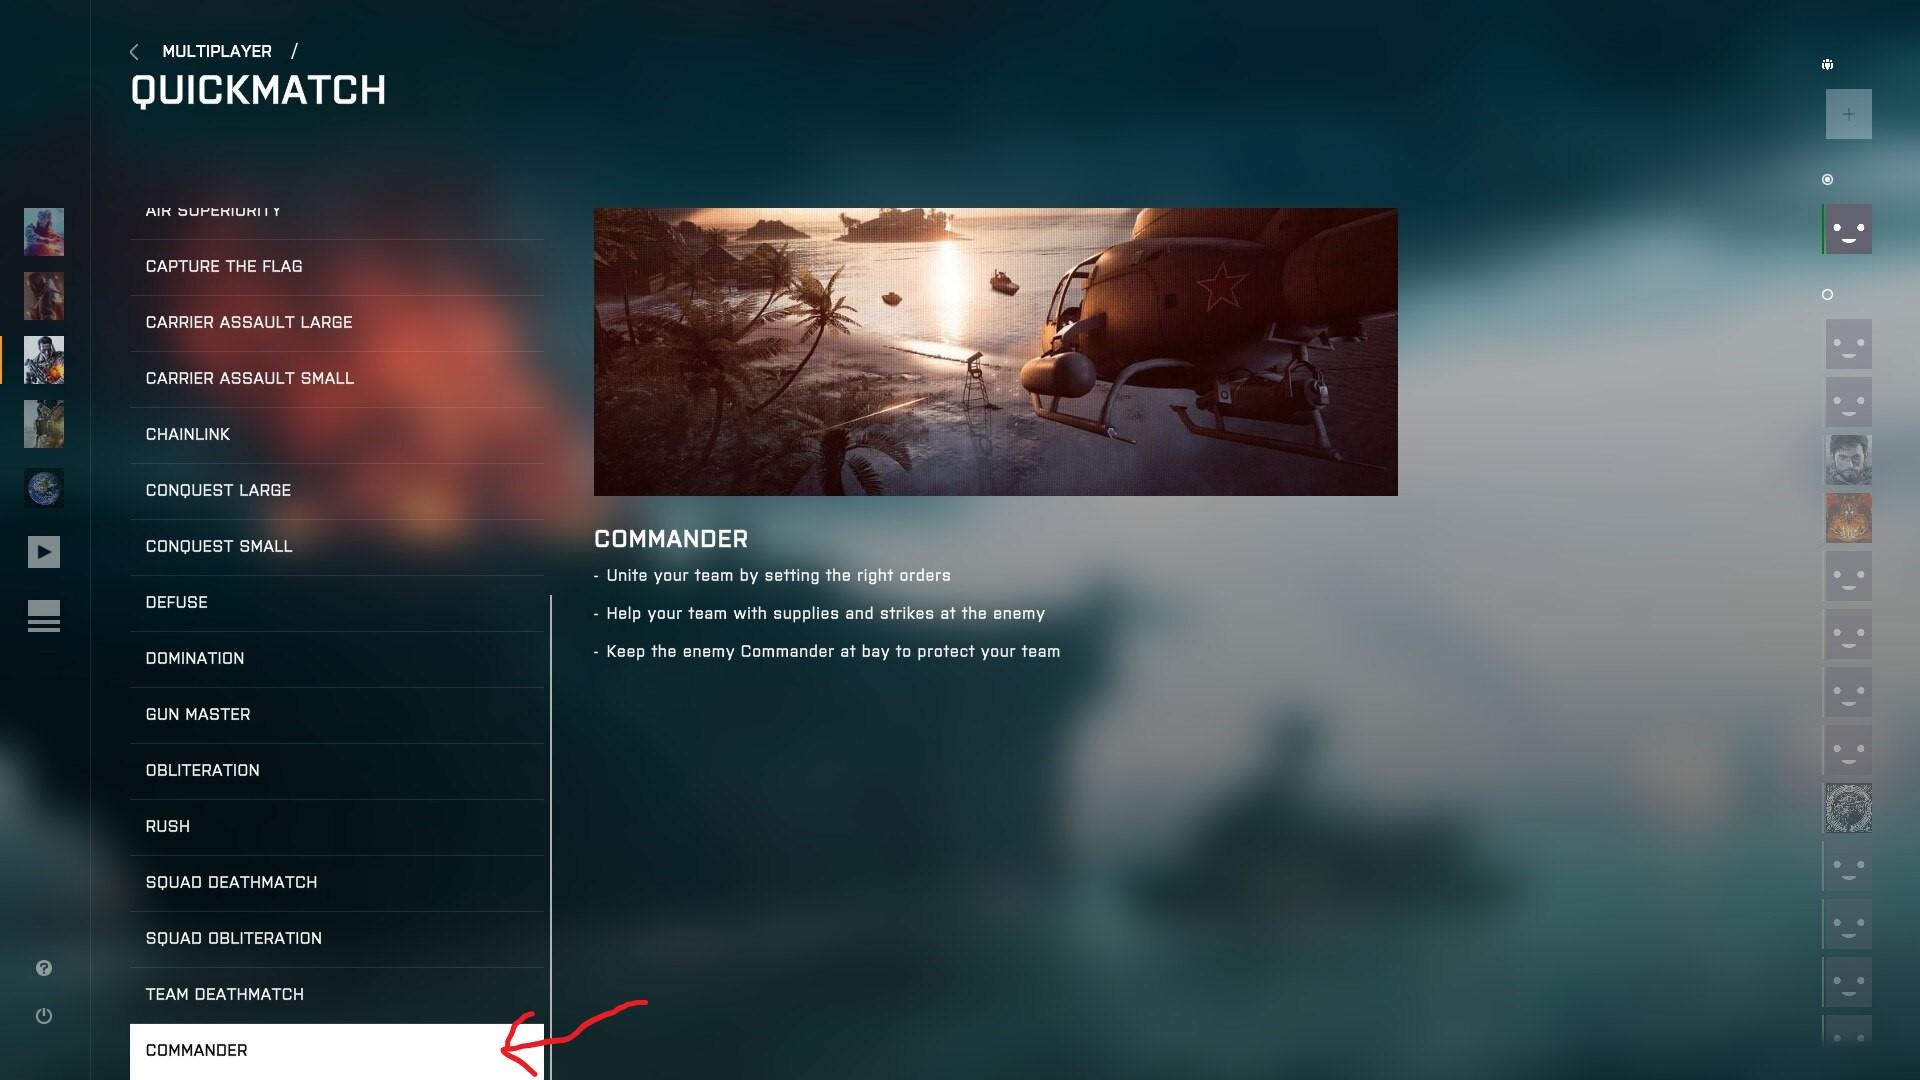 Руководство Battlefield 4 ™: лучшая стратегия и тактика для командира - Что такое командирский режим? Как я могу играть как один? - 642207C